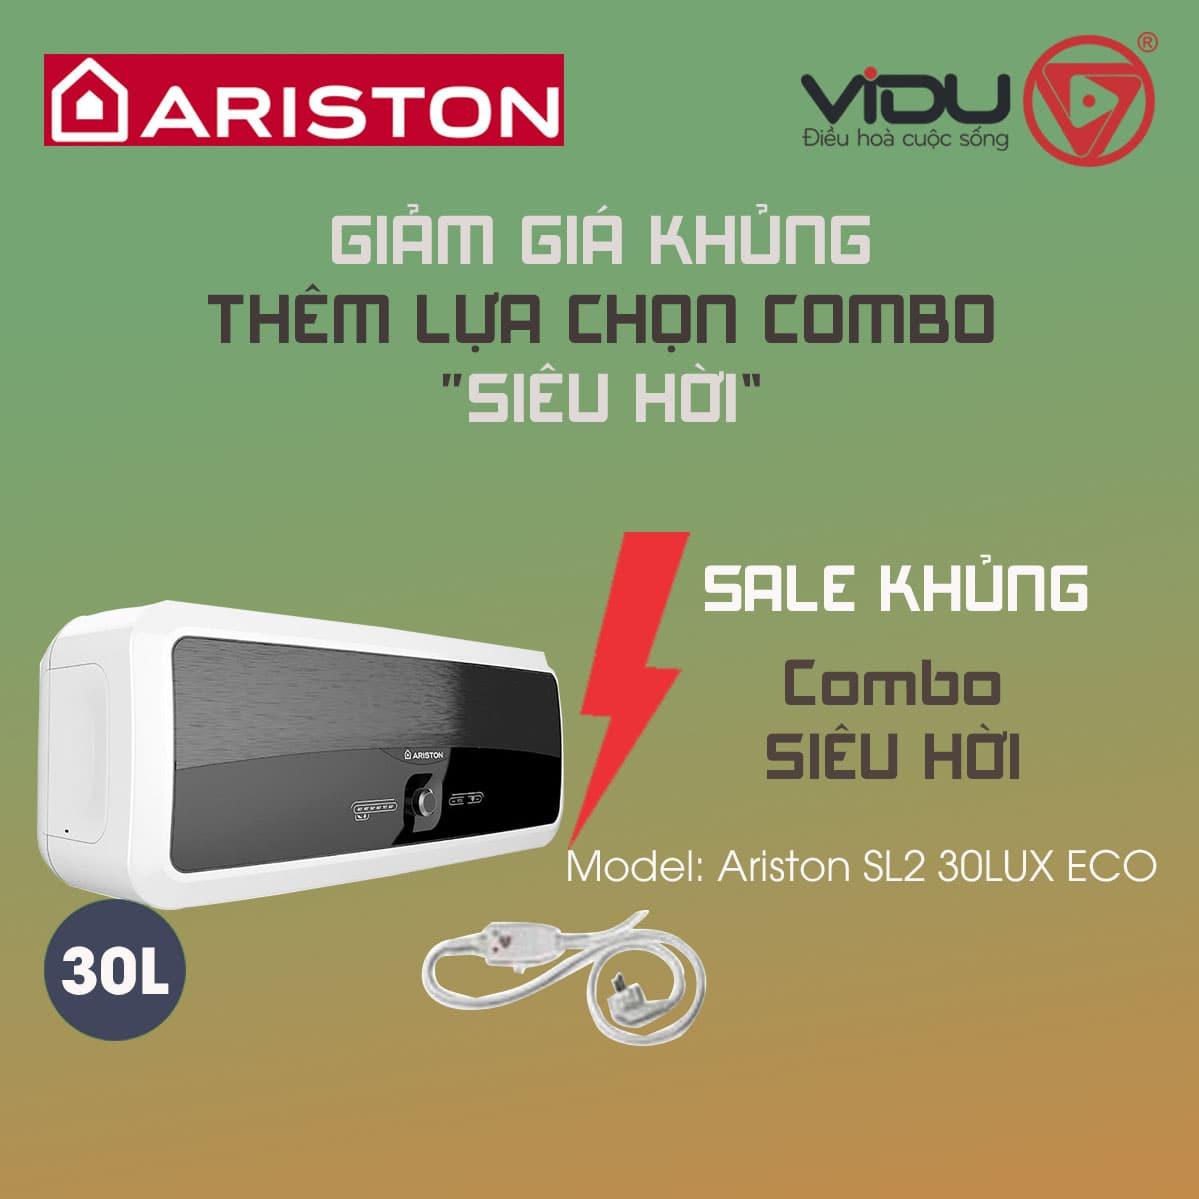 Bình nóng lạnh gián tiếp Ariston 30L SL2 30LUX ECO